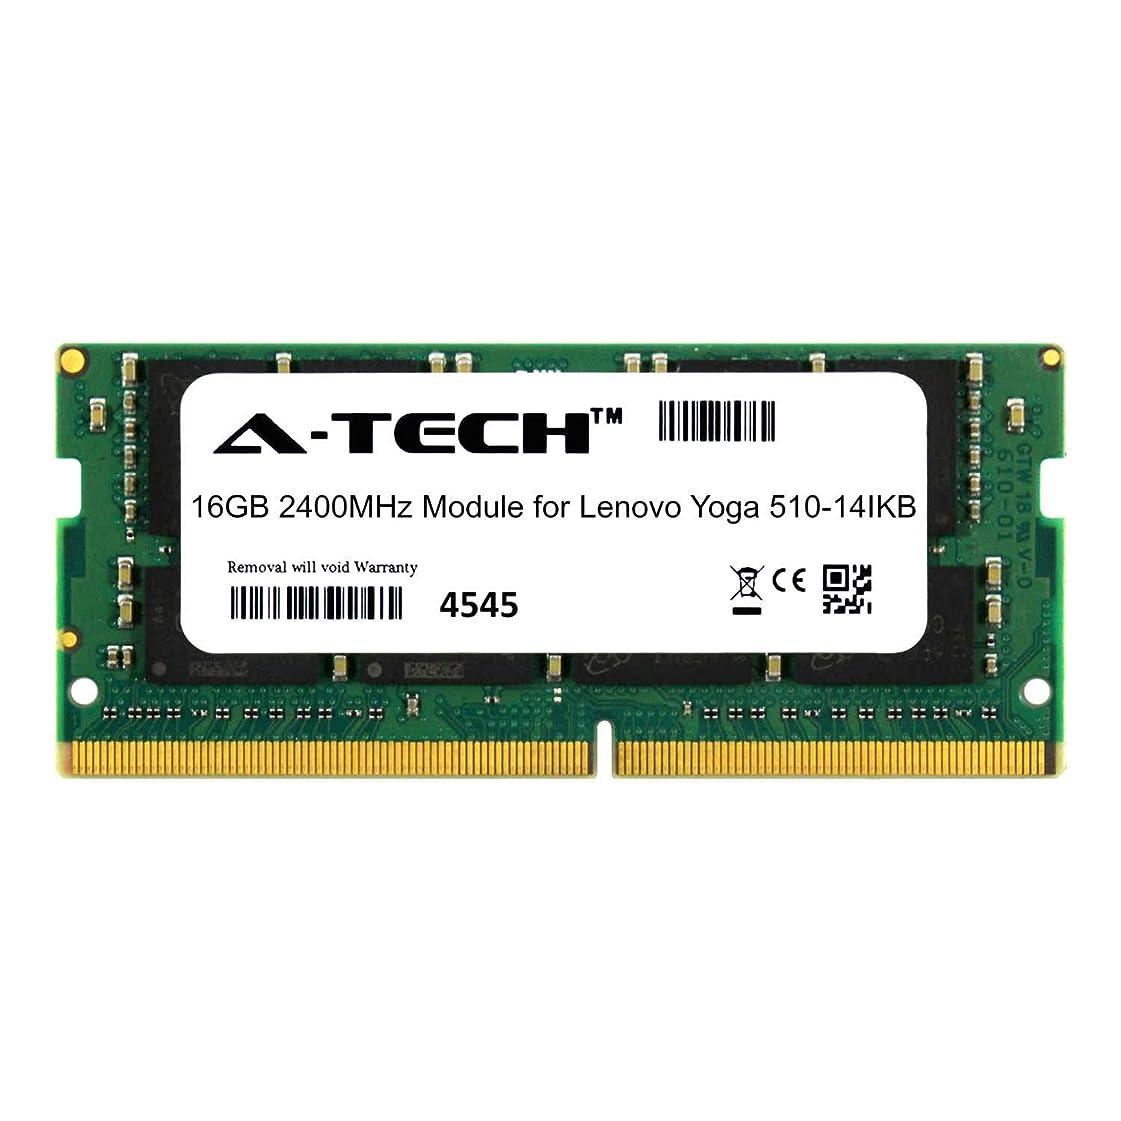 添加に対応遠近法A-Tech 16GB モジュール Lenovo Yoga 510-14IKB ノートパソコン & ノートブック用 DDR4 2400Mhz メモリラム対応 (ATMS360922A25831X1)